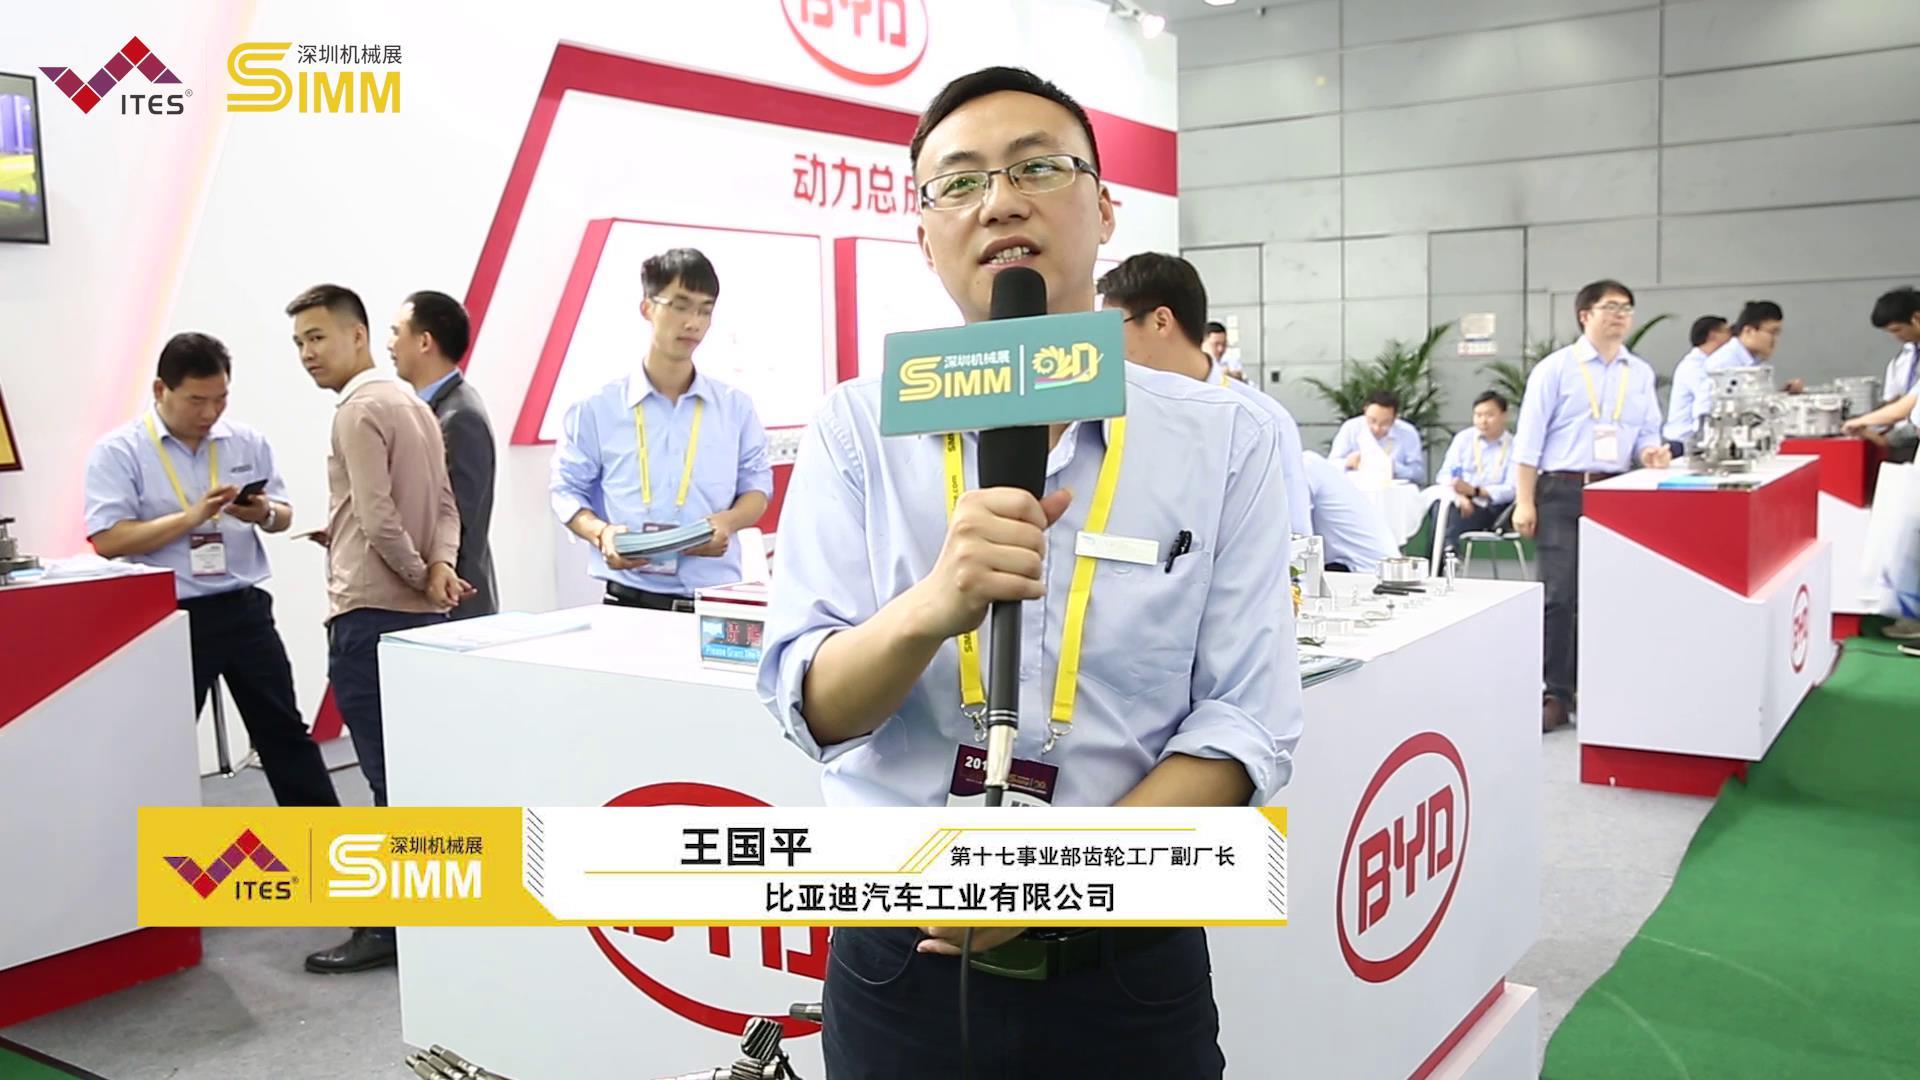 第二十届深圳国际机械制造工业展览会展商现场采访